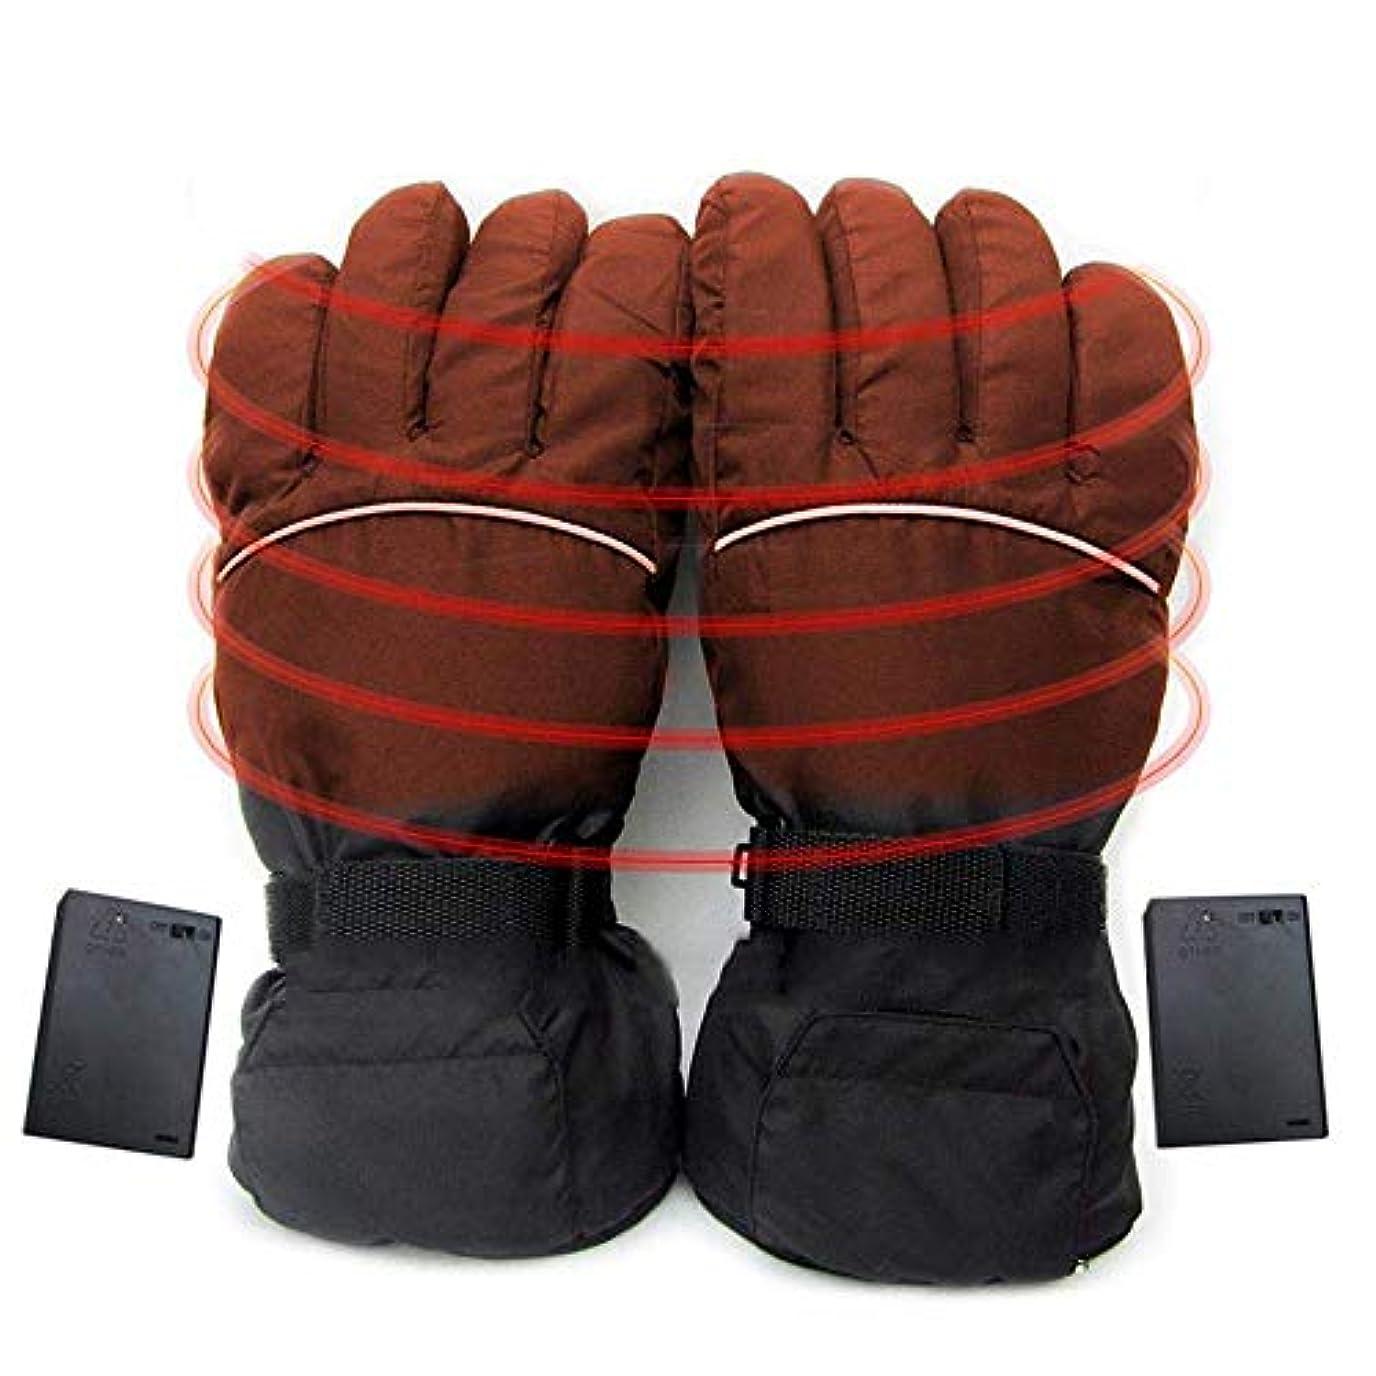 首尾一貫した質素なくぼみ電気温水手袋、厚み付け防水冬の熱手袋充電式暖房手袋、防風スポーツスキーアウトドアキャンプハイキンググローブ,黒